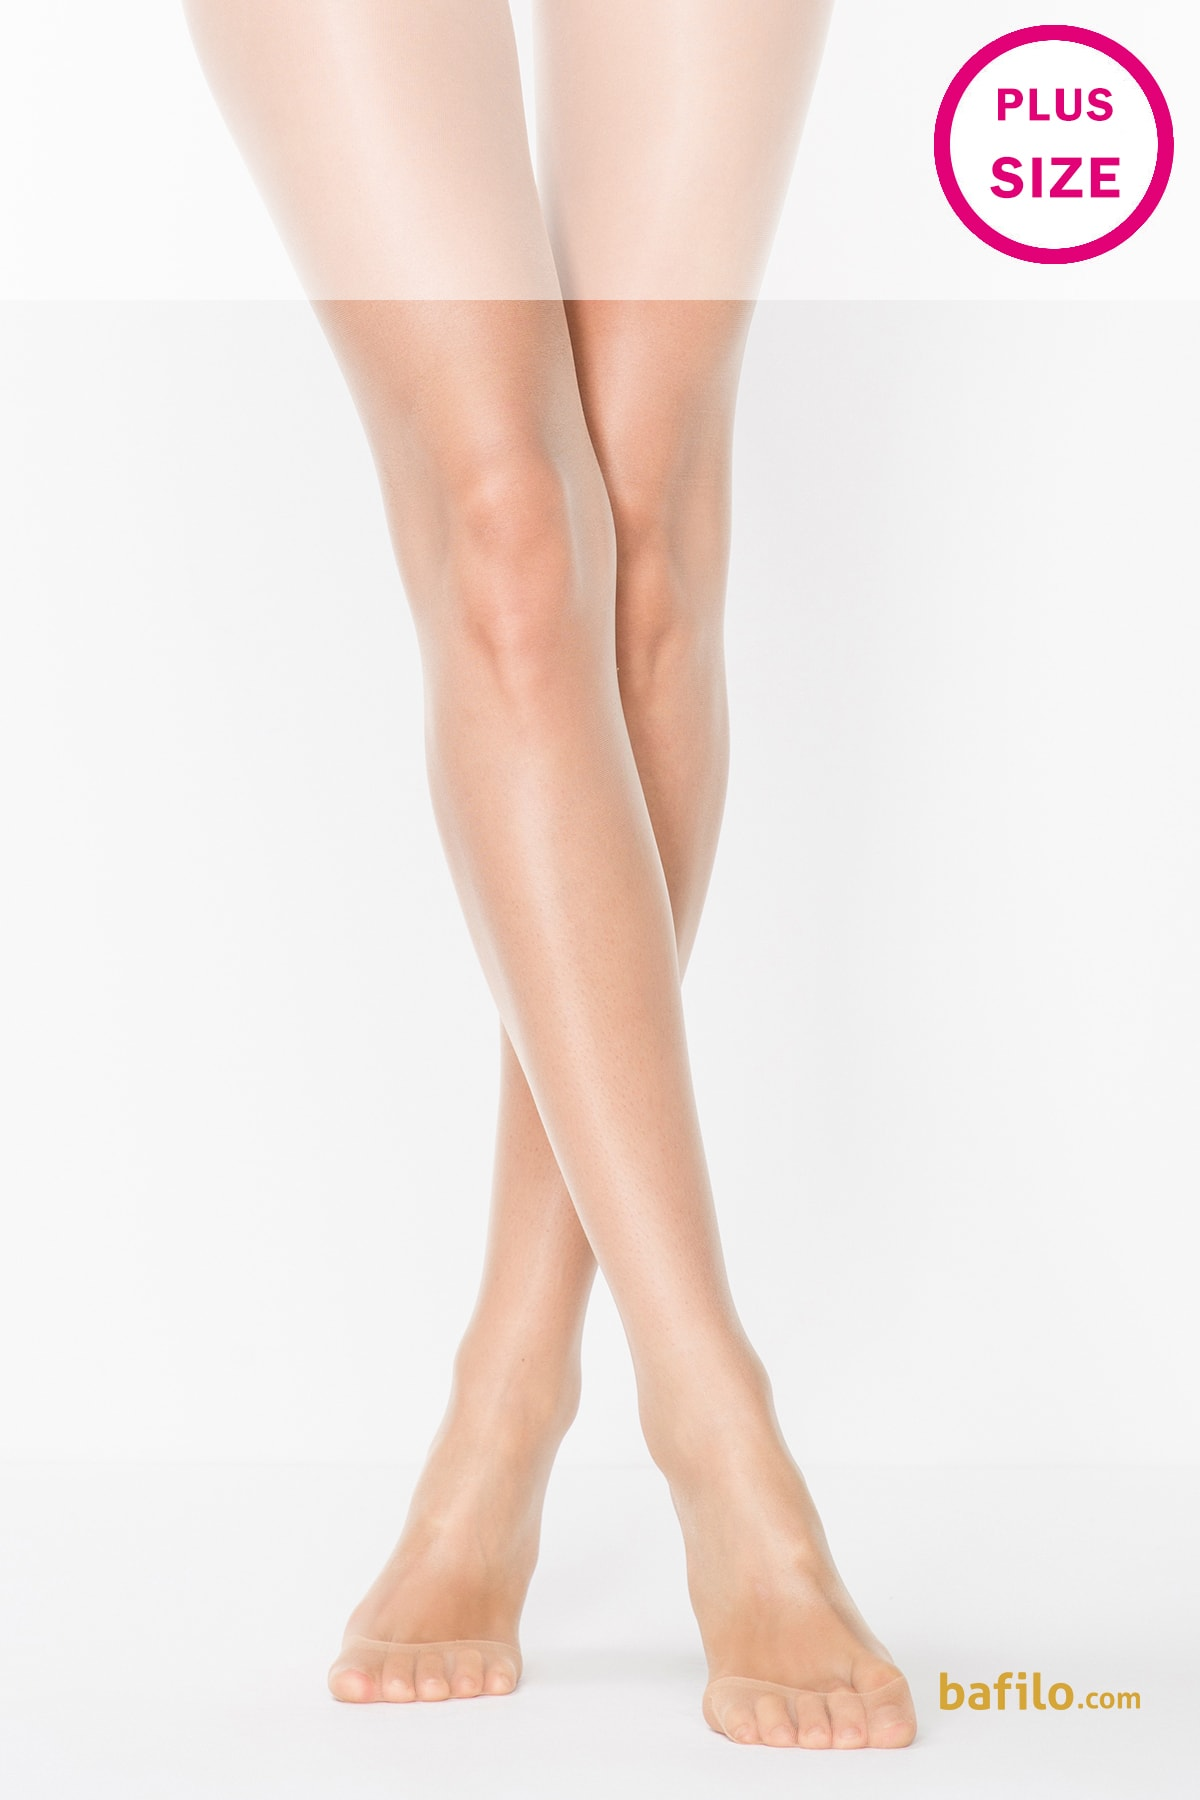 پنتی | Penti - جوراب شلواری نازک سایز بزرگ زنانه پنتی  Fit 15 رنگ بدن روشن